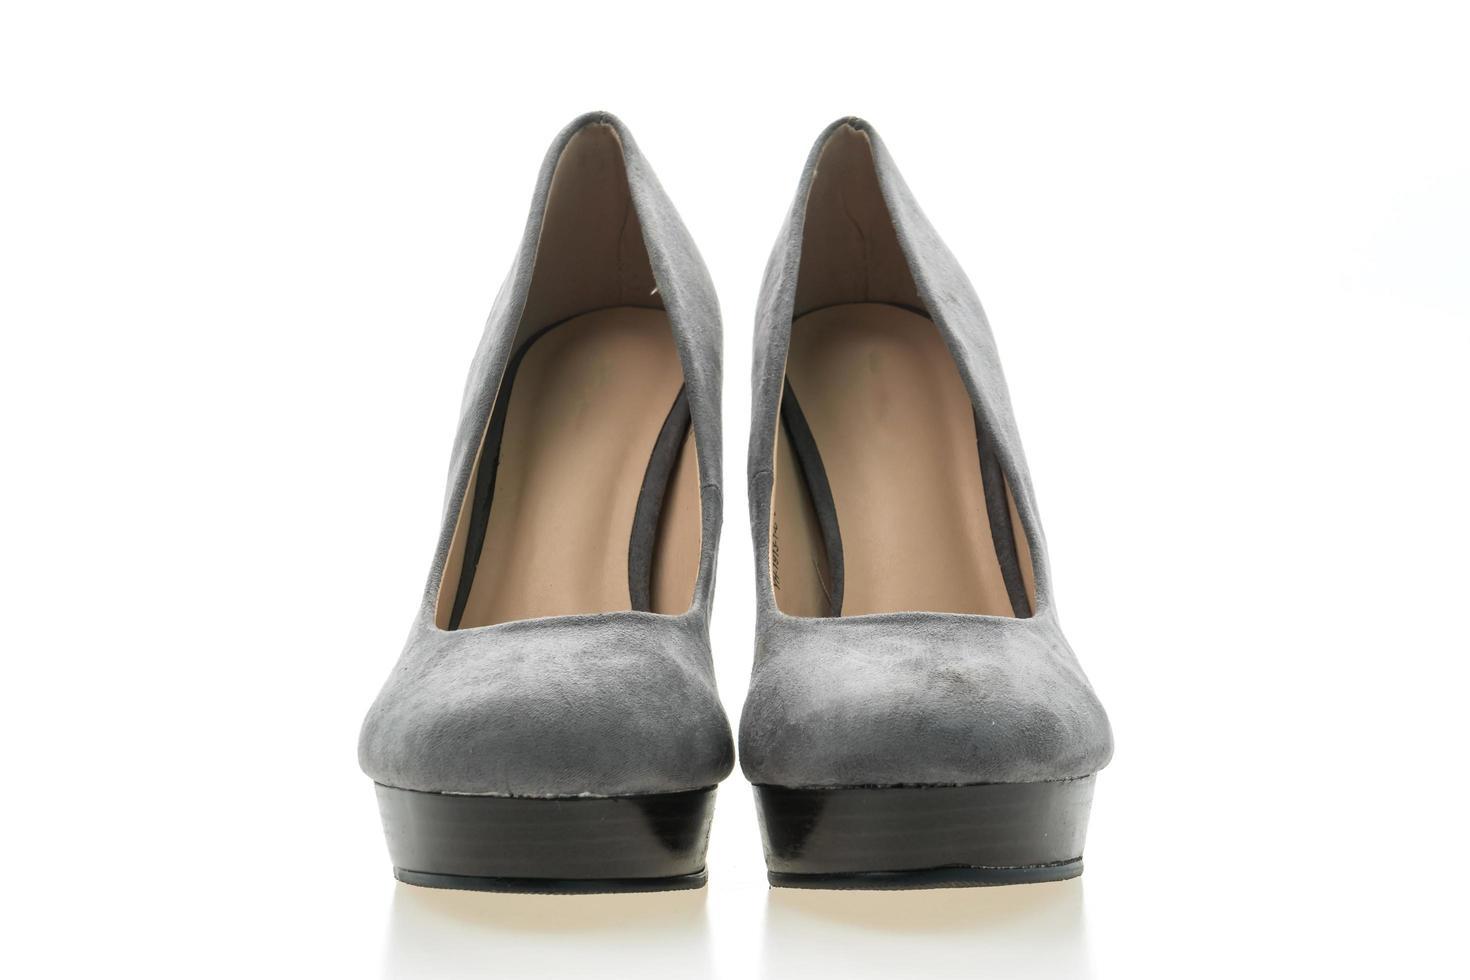 schoenen met hoge hakken foto